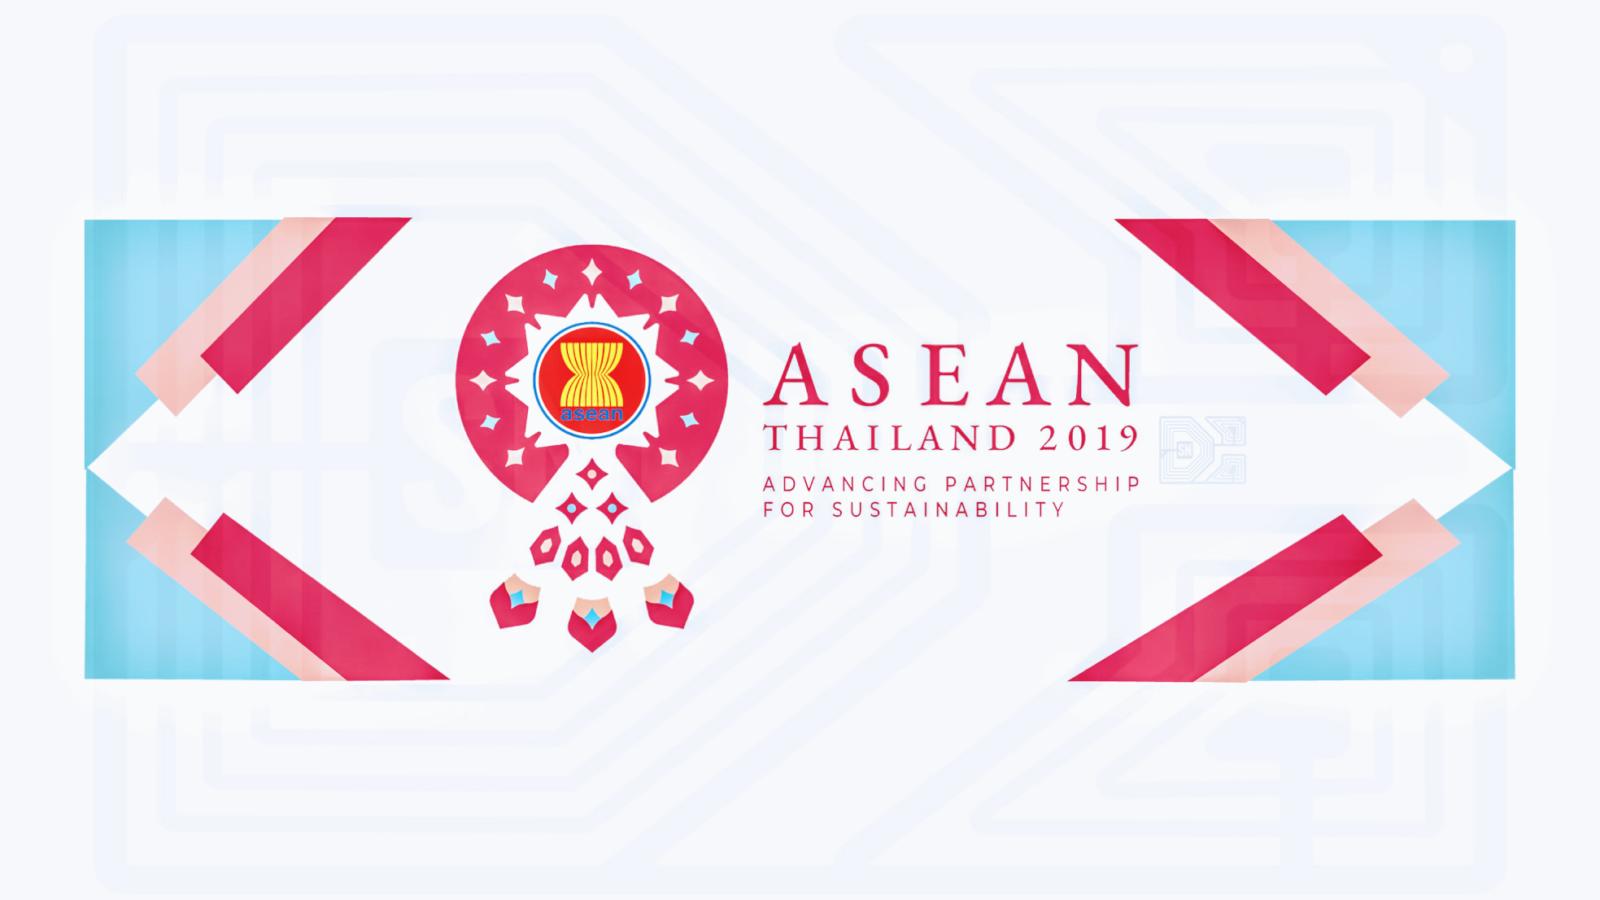 ASEAN Thailand 2019 Stark Networks